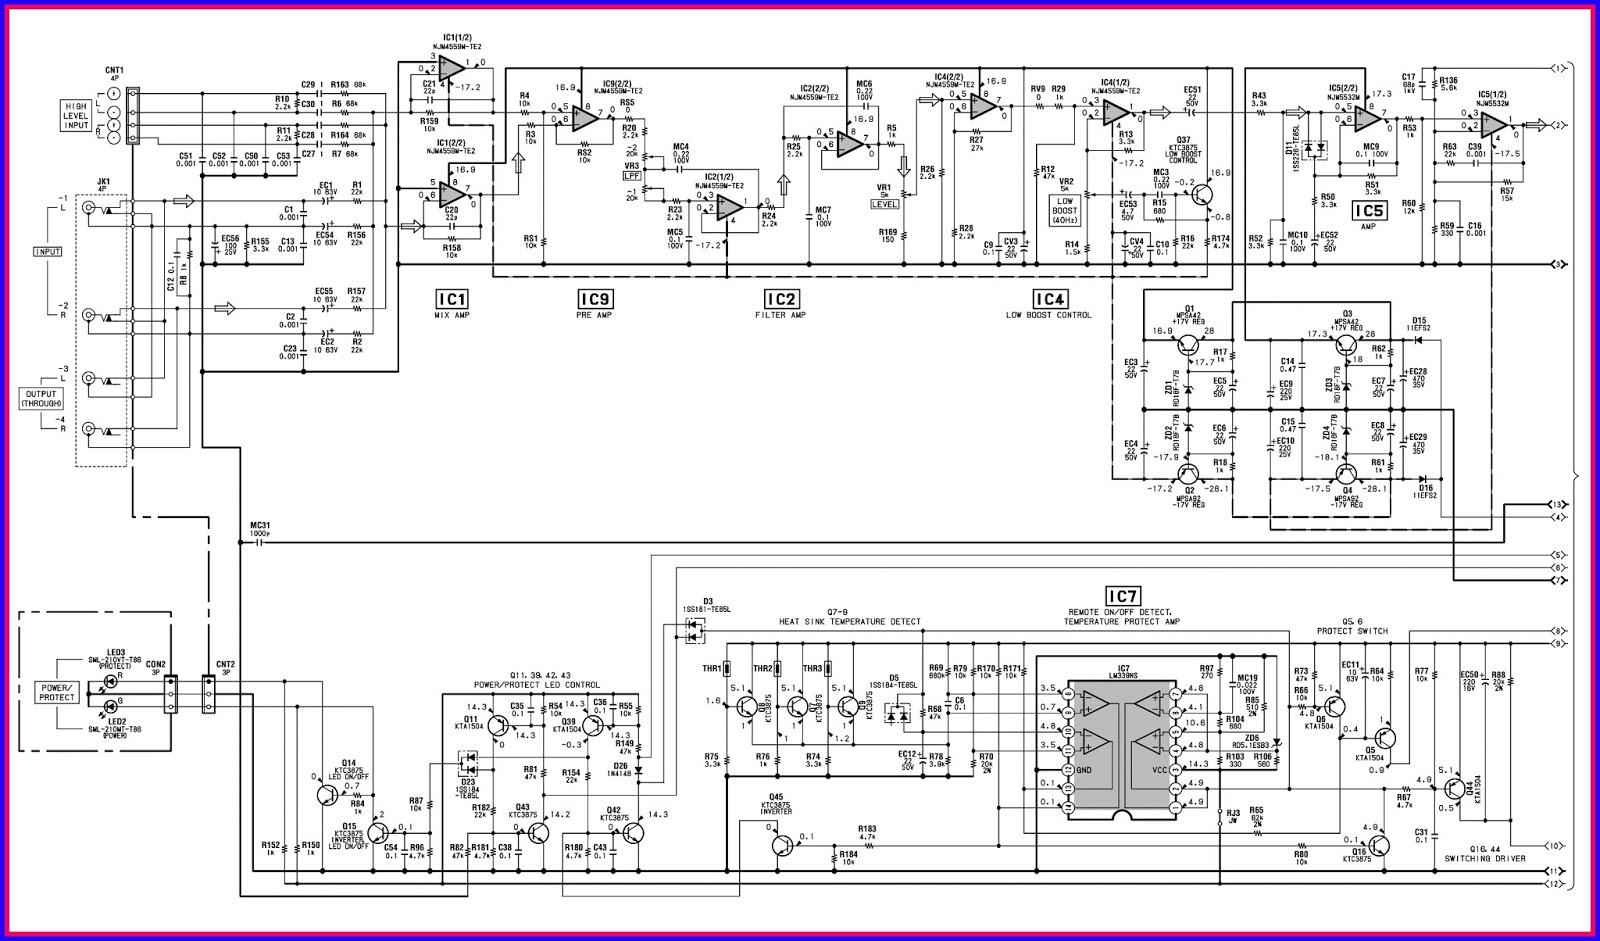 sony cdx ca705m wiring diagram [ 1600 x 941 Pixel ]